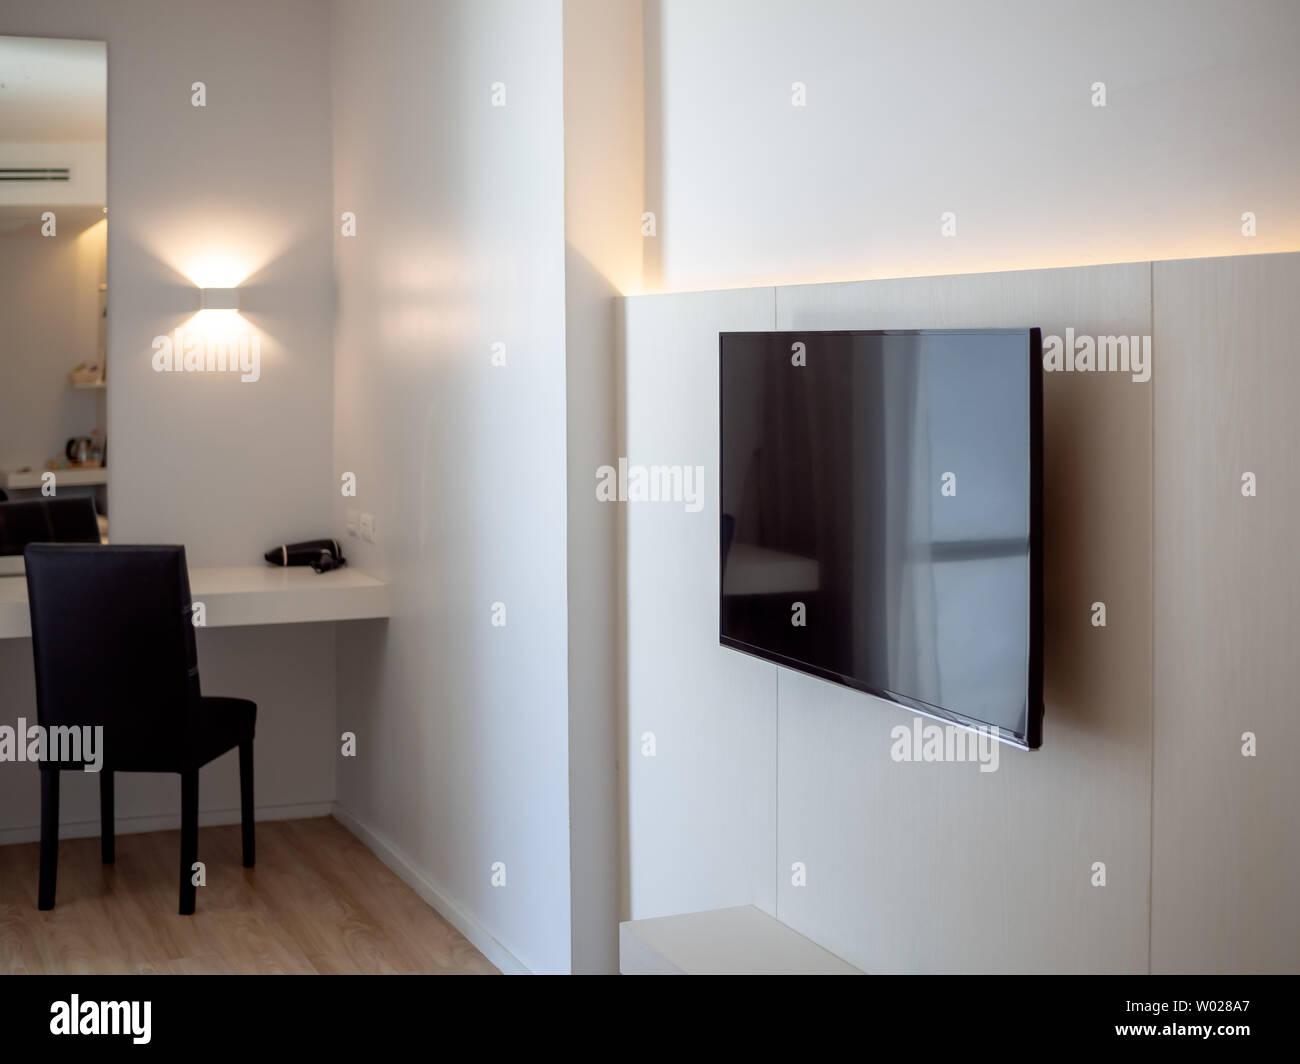 Spiegel Tv Stockfotos & Spiegel Tv Bilder - Alamy